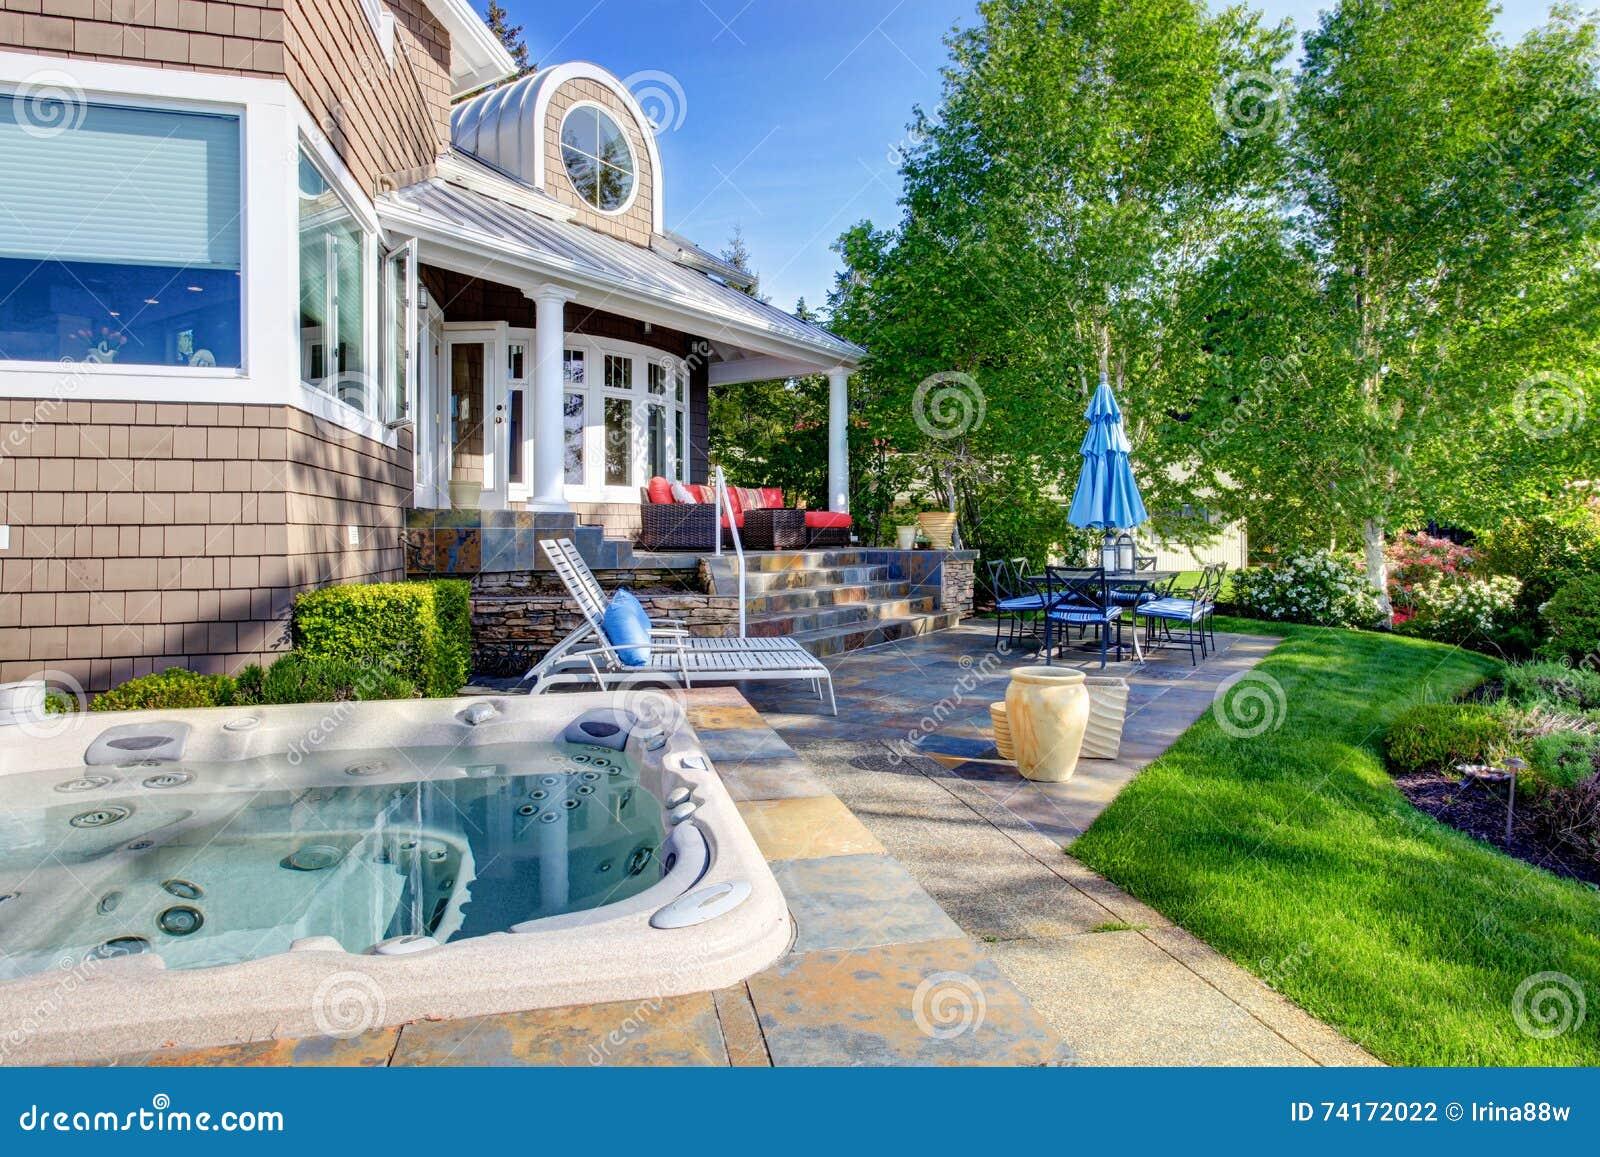 casa de lujo exterior con dise o impresionante del patio On diseño patio exterior casa